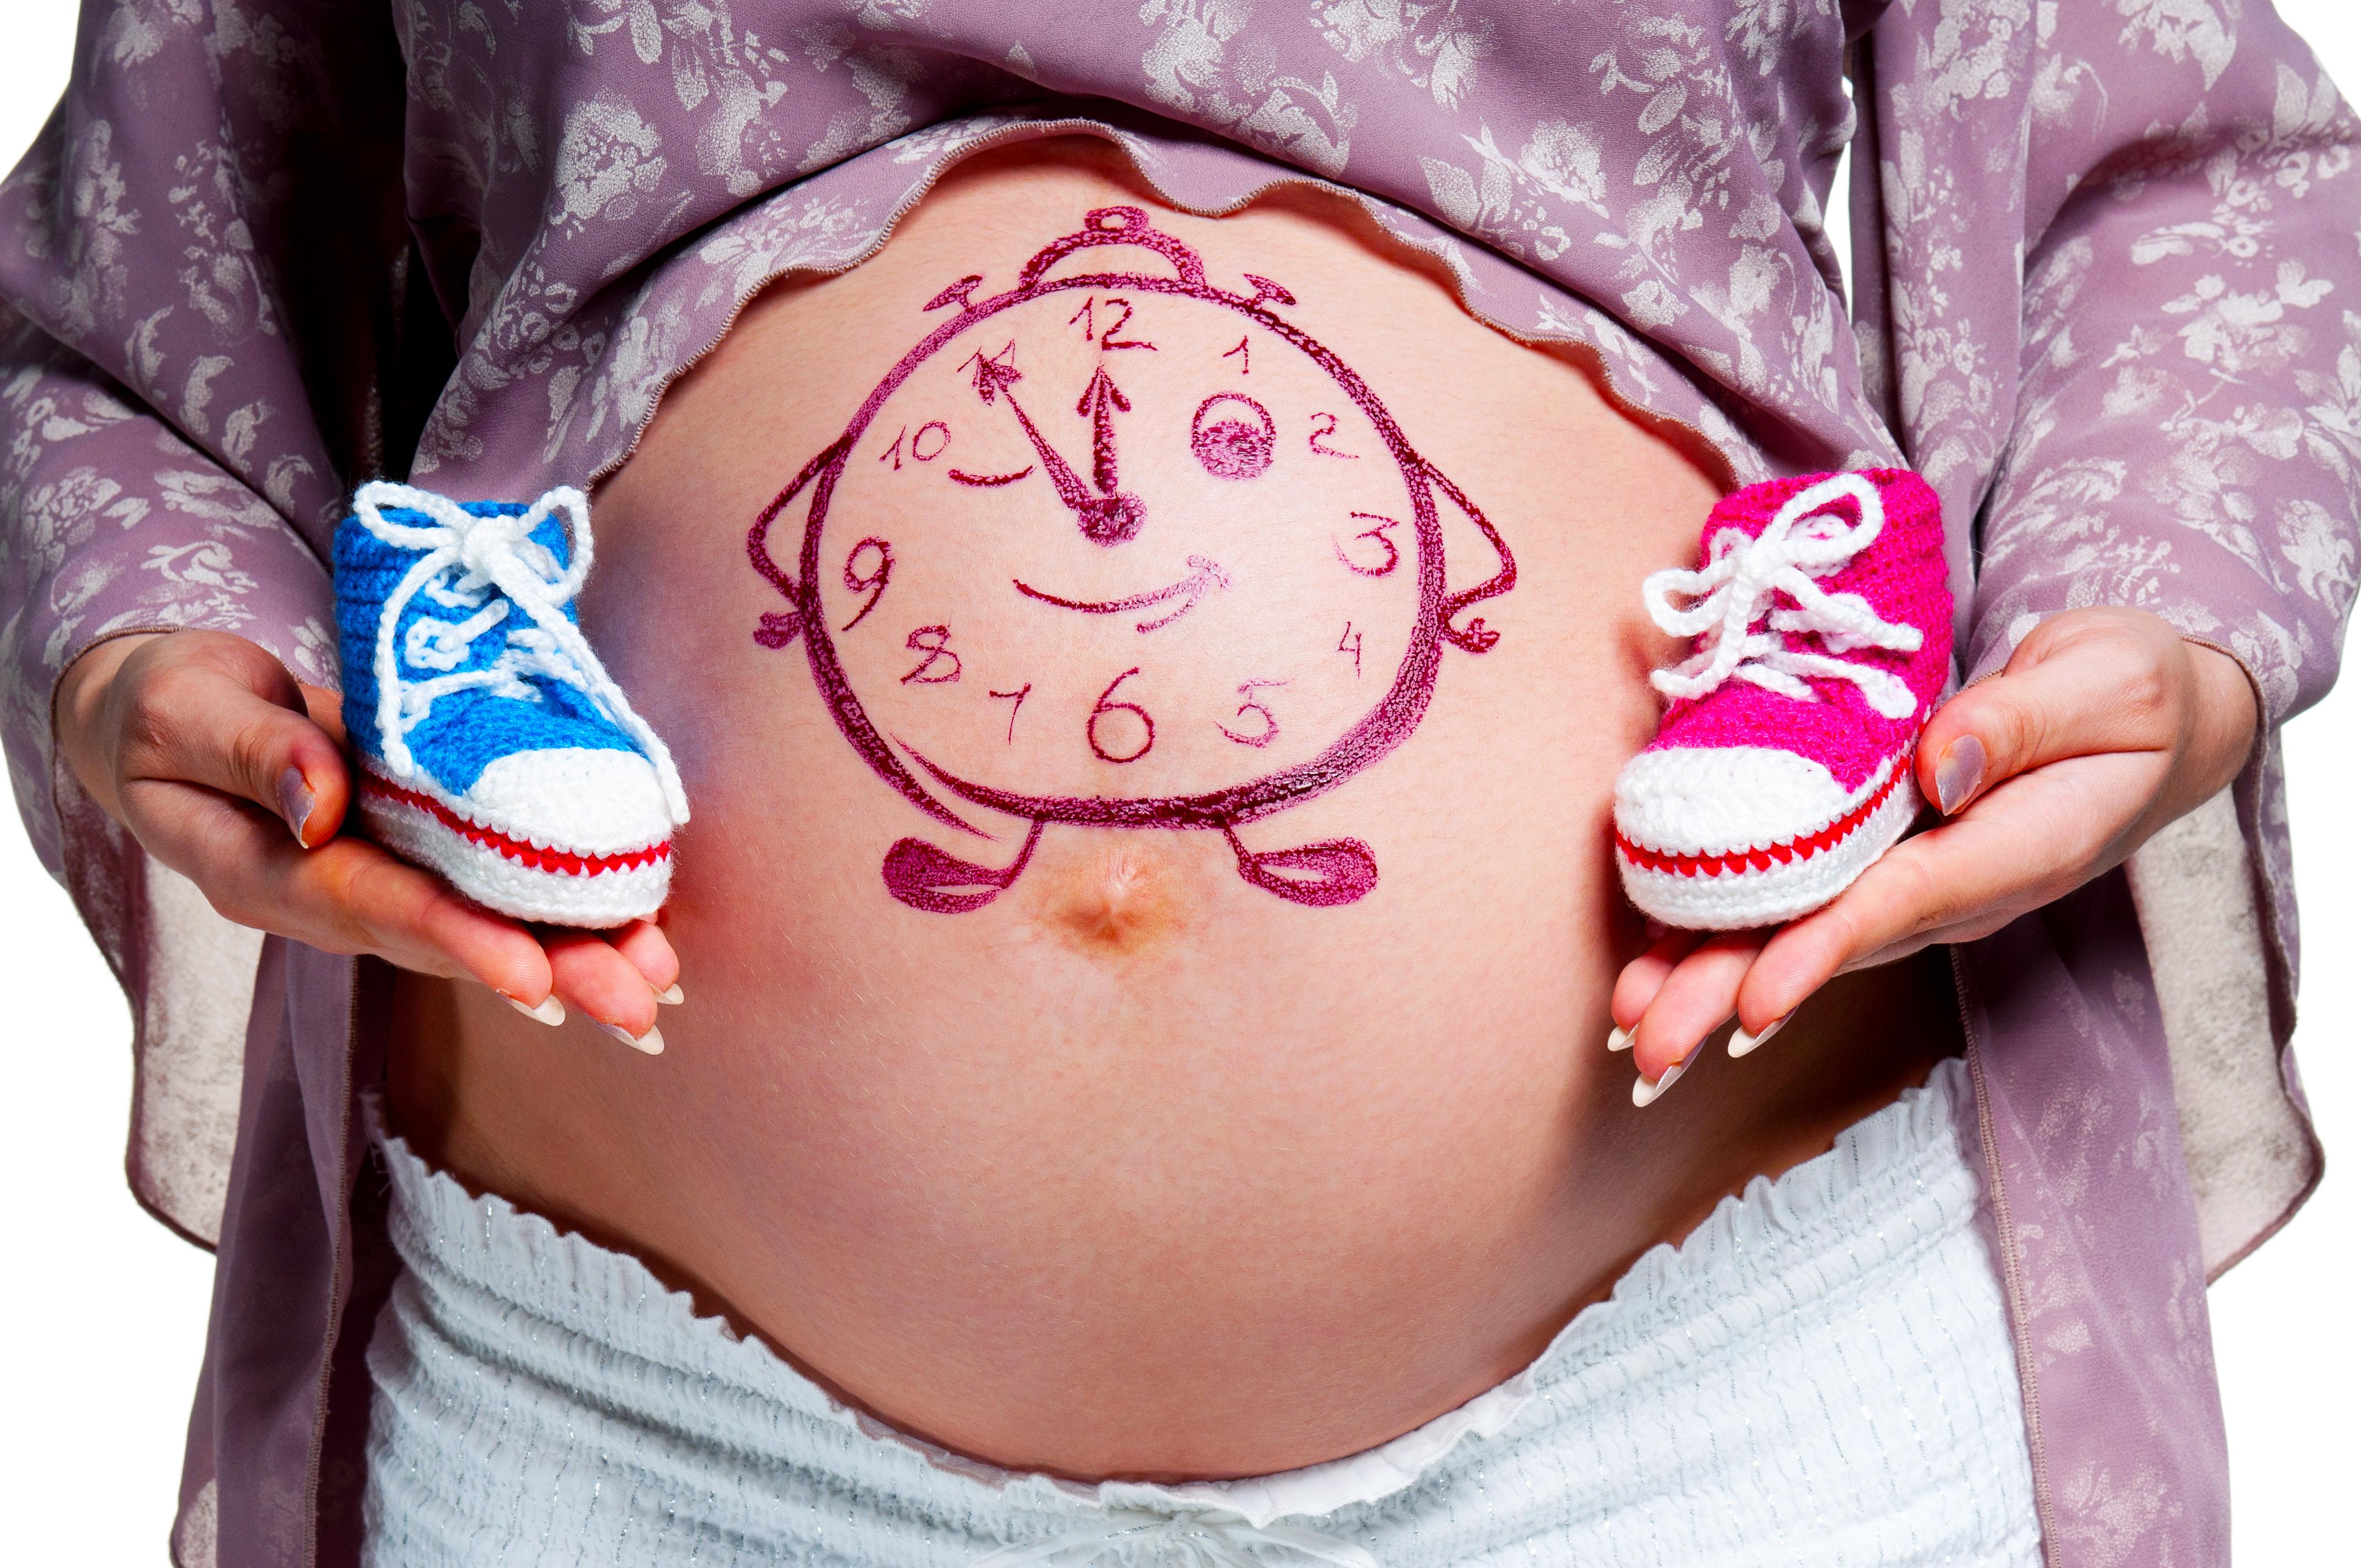 Сне видеть зеркало беременной